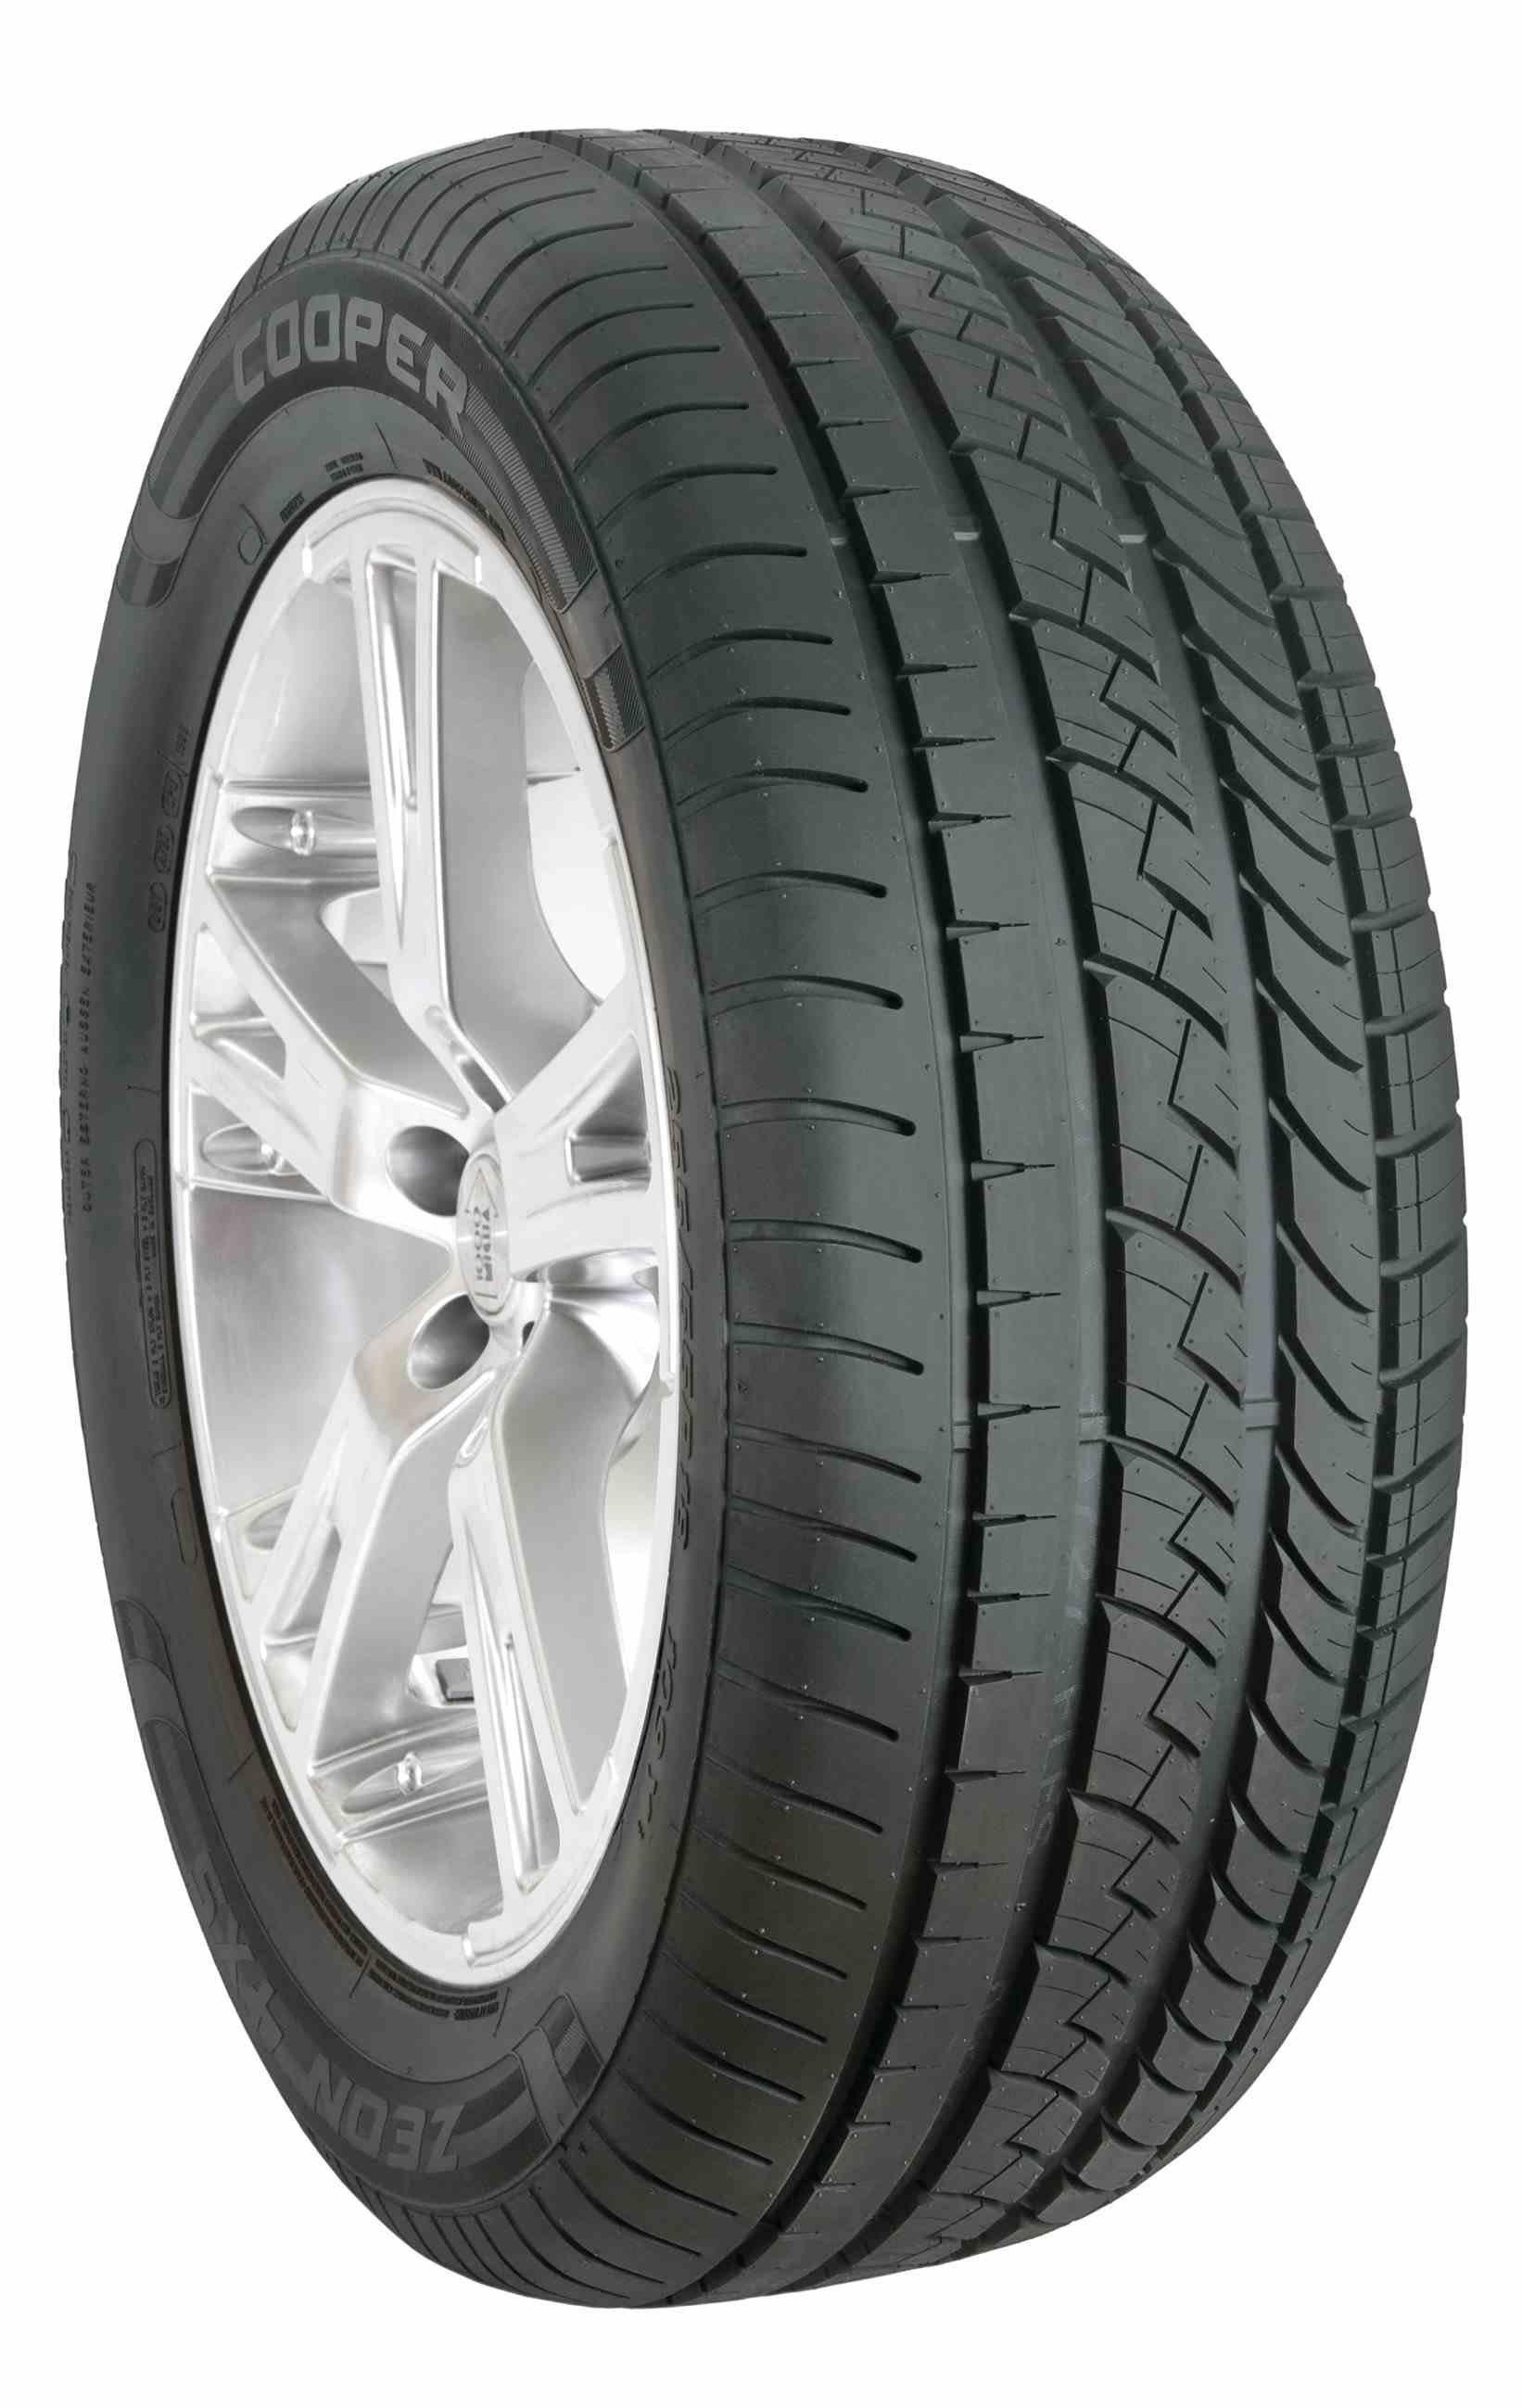 Neumático COOPER ZEON 4XS 275/45R19 108 Y